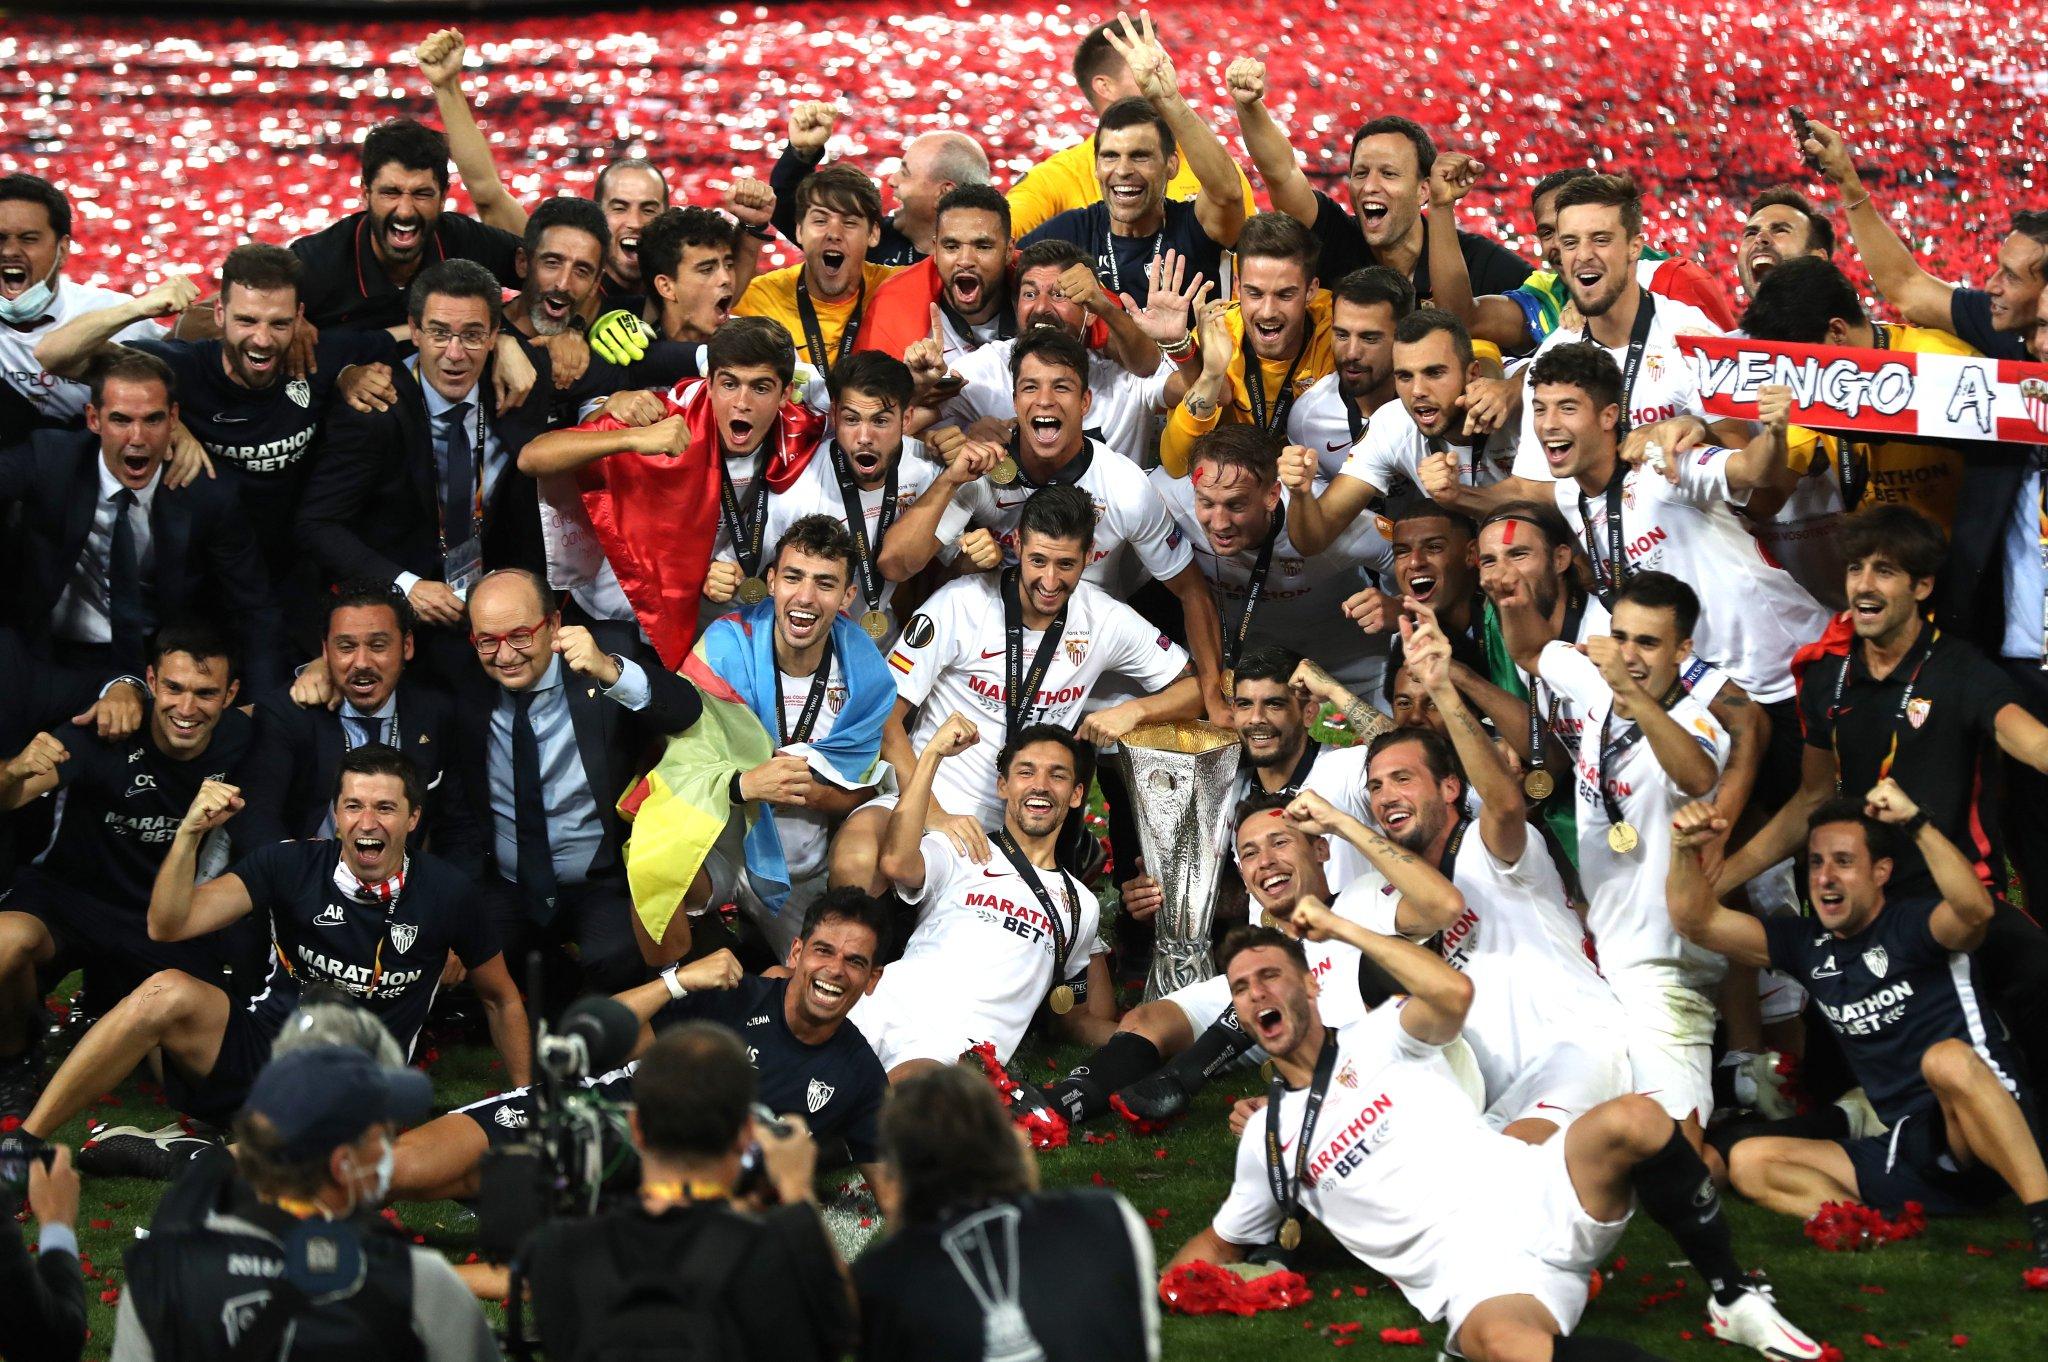 穆尼尔成第一位,拿到欧冠 青年欧冠 欧联杯 欧超杯的球员